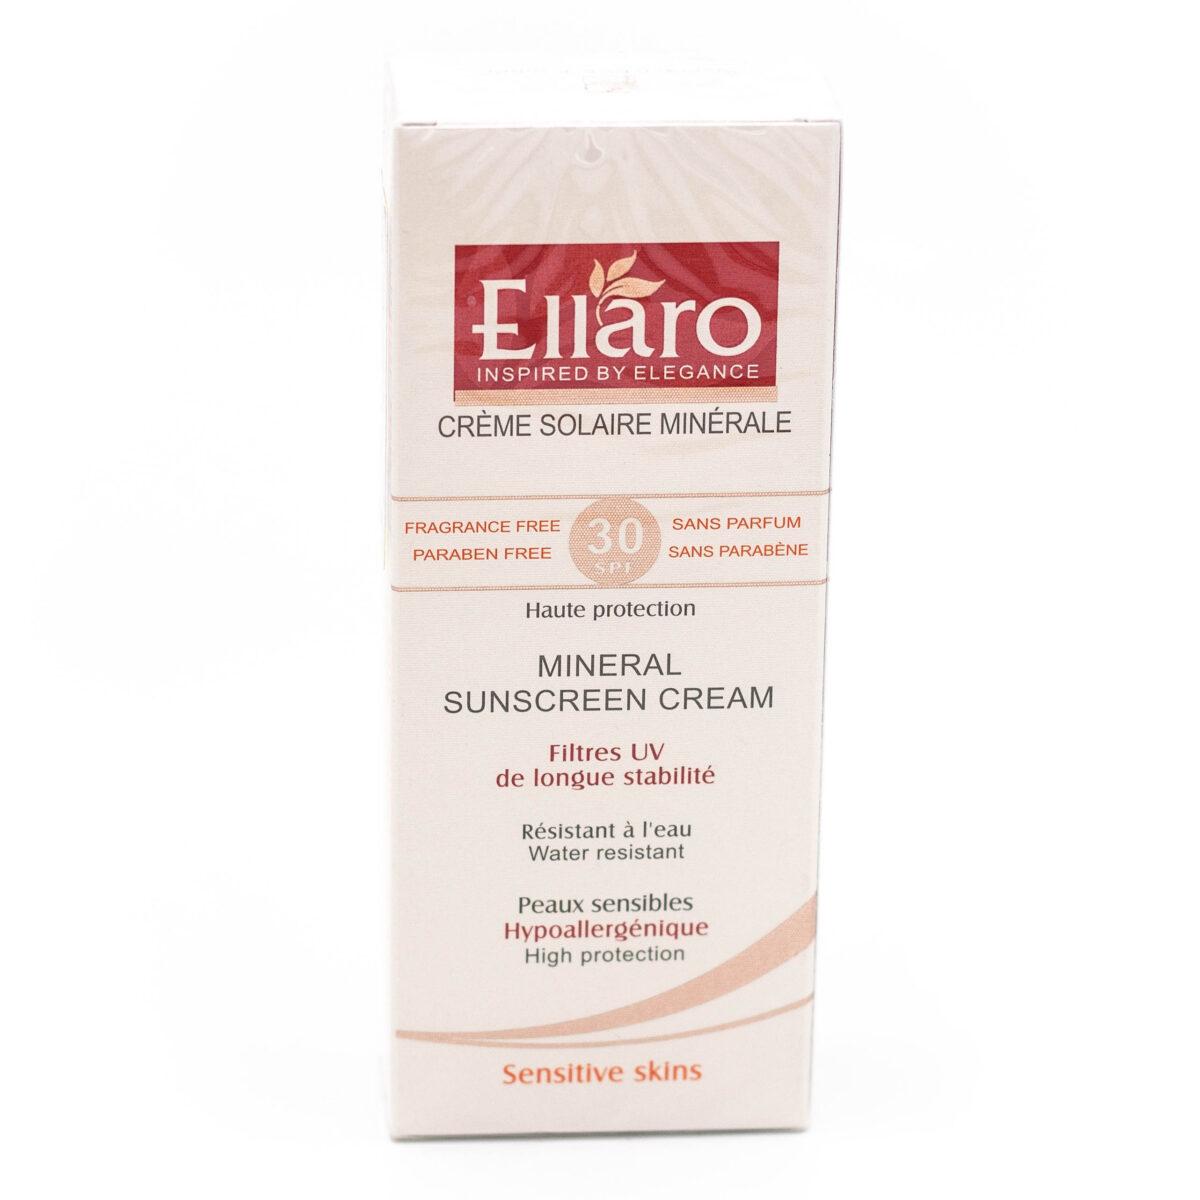 کرم ضد آفتاب مینرال Ellaro الارو با SPF 30 حجم 50 میلی لیتری